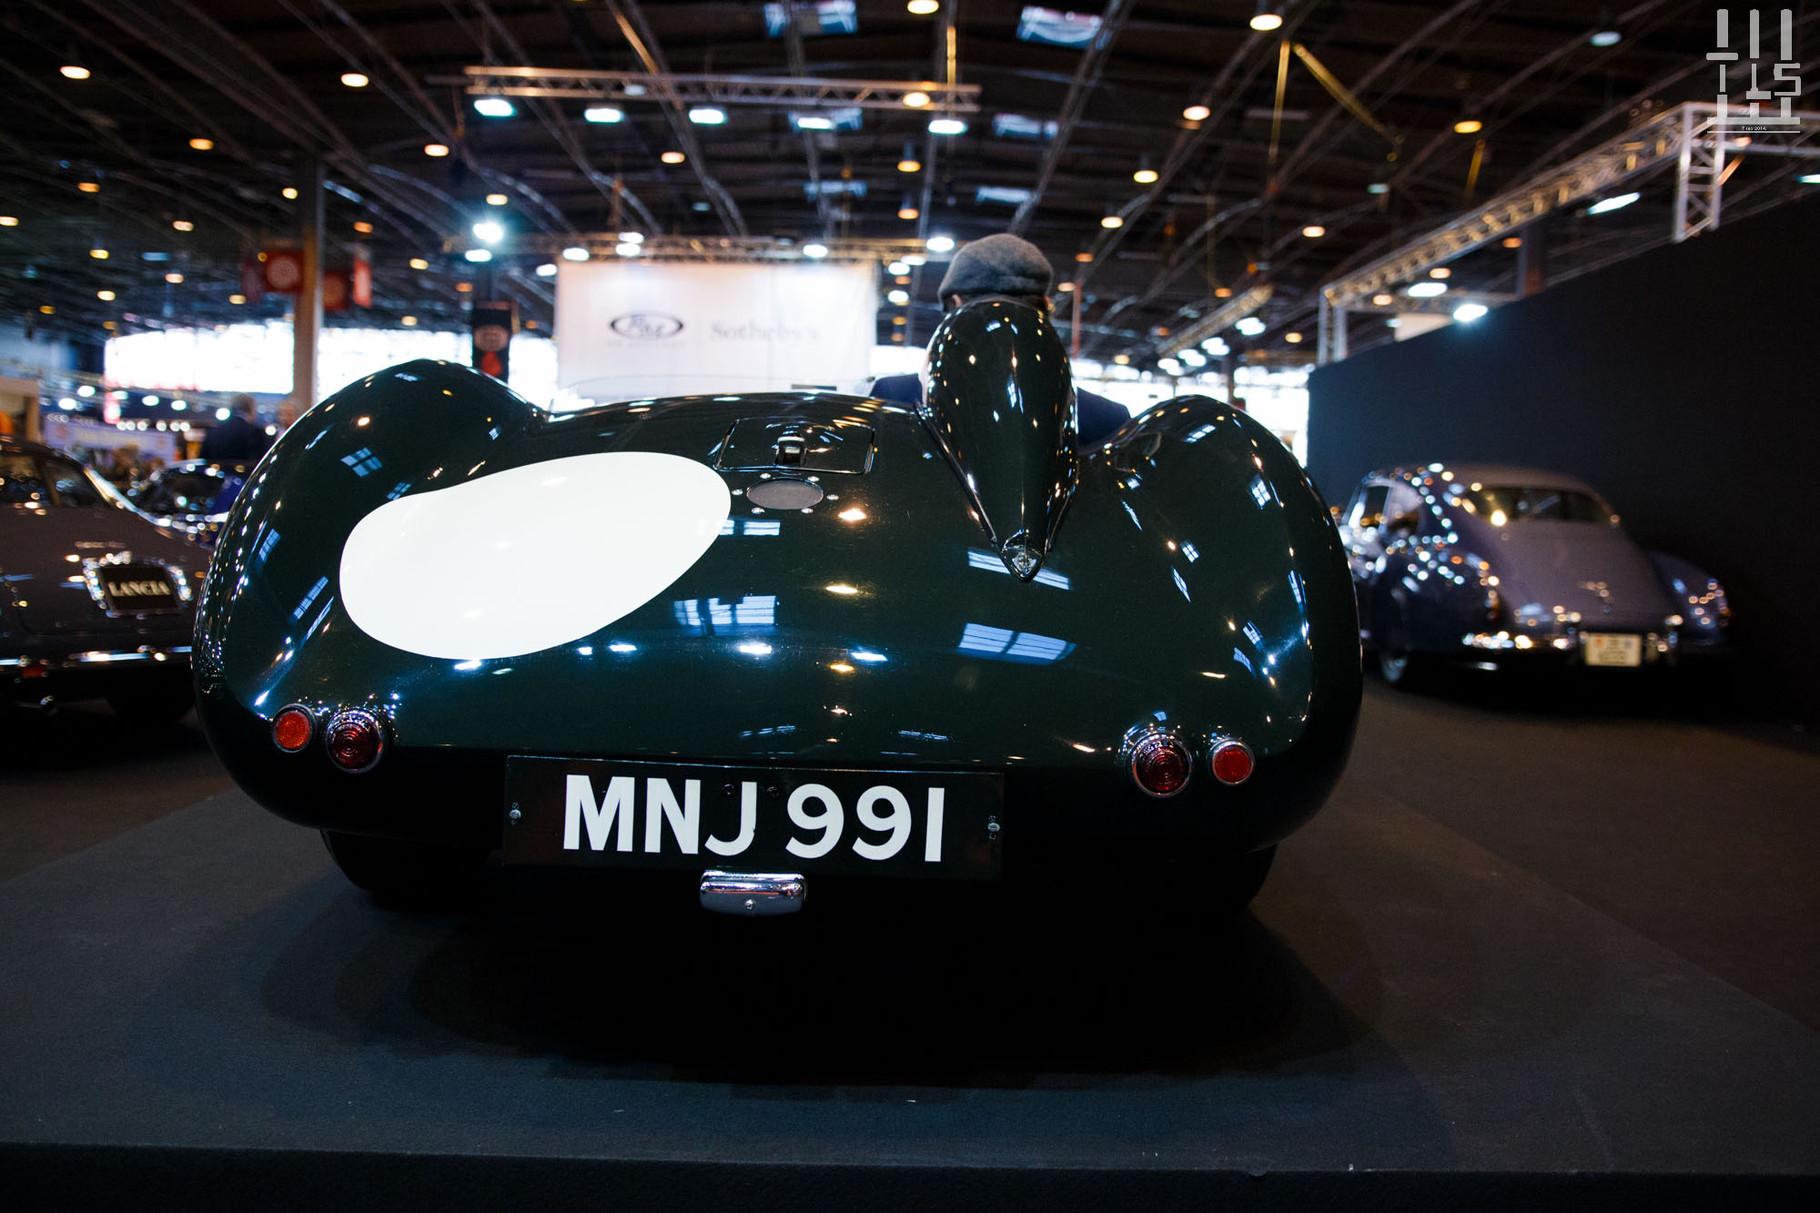 N'oublions pas non plus l'Aston Martin DB3S châssis 108, tout aussi intéressante.